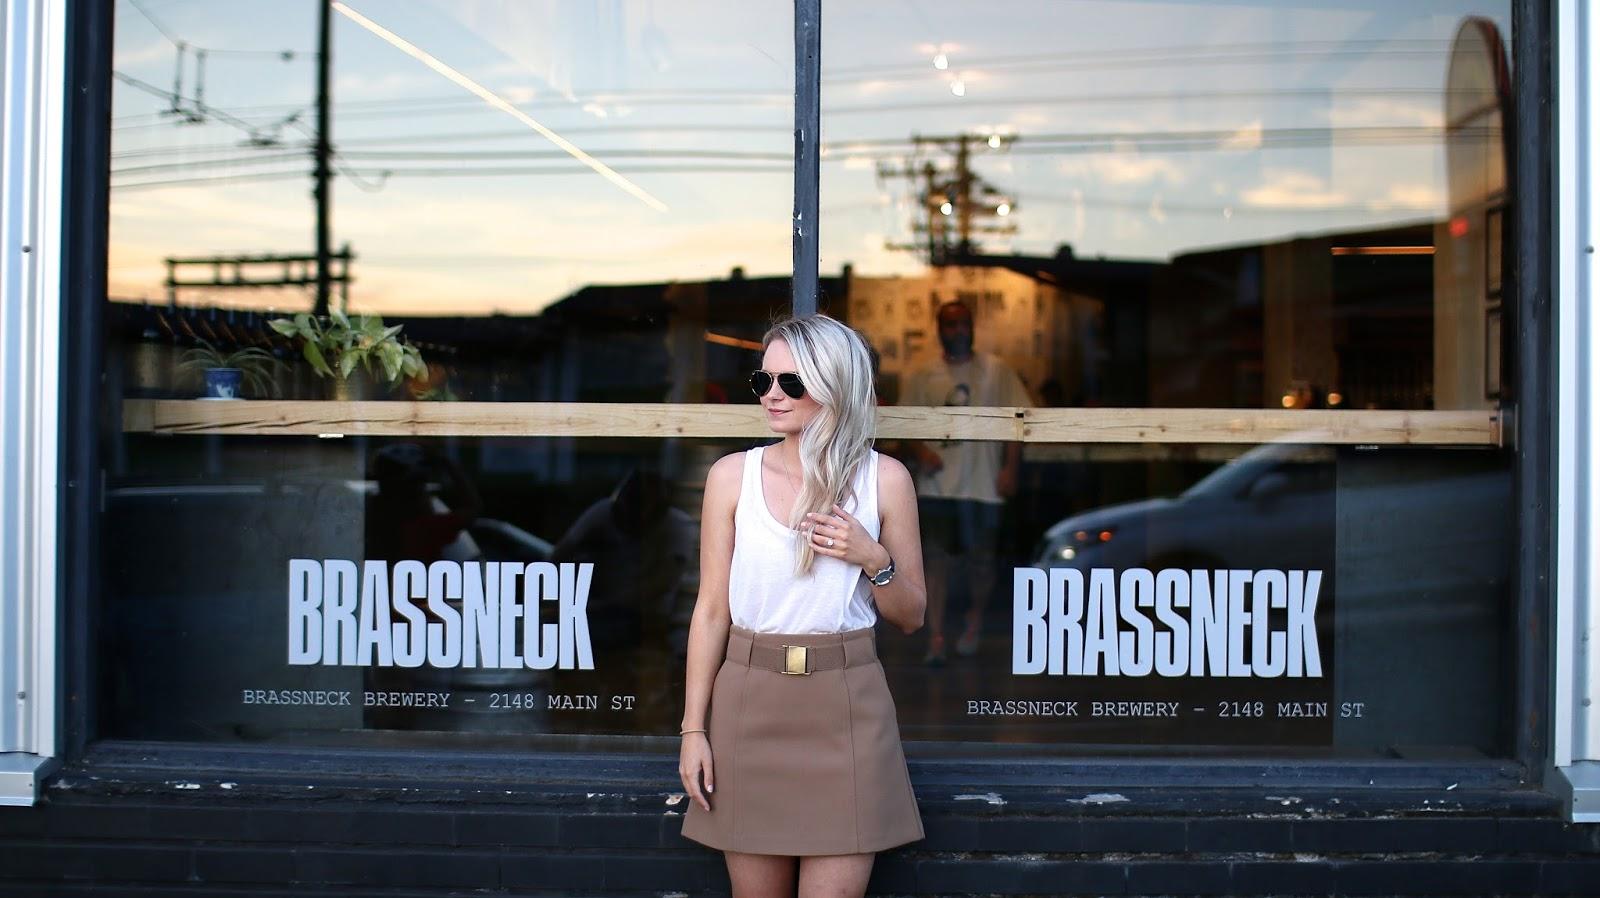 brassneck